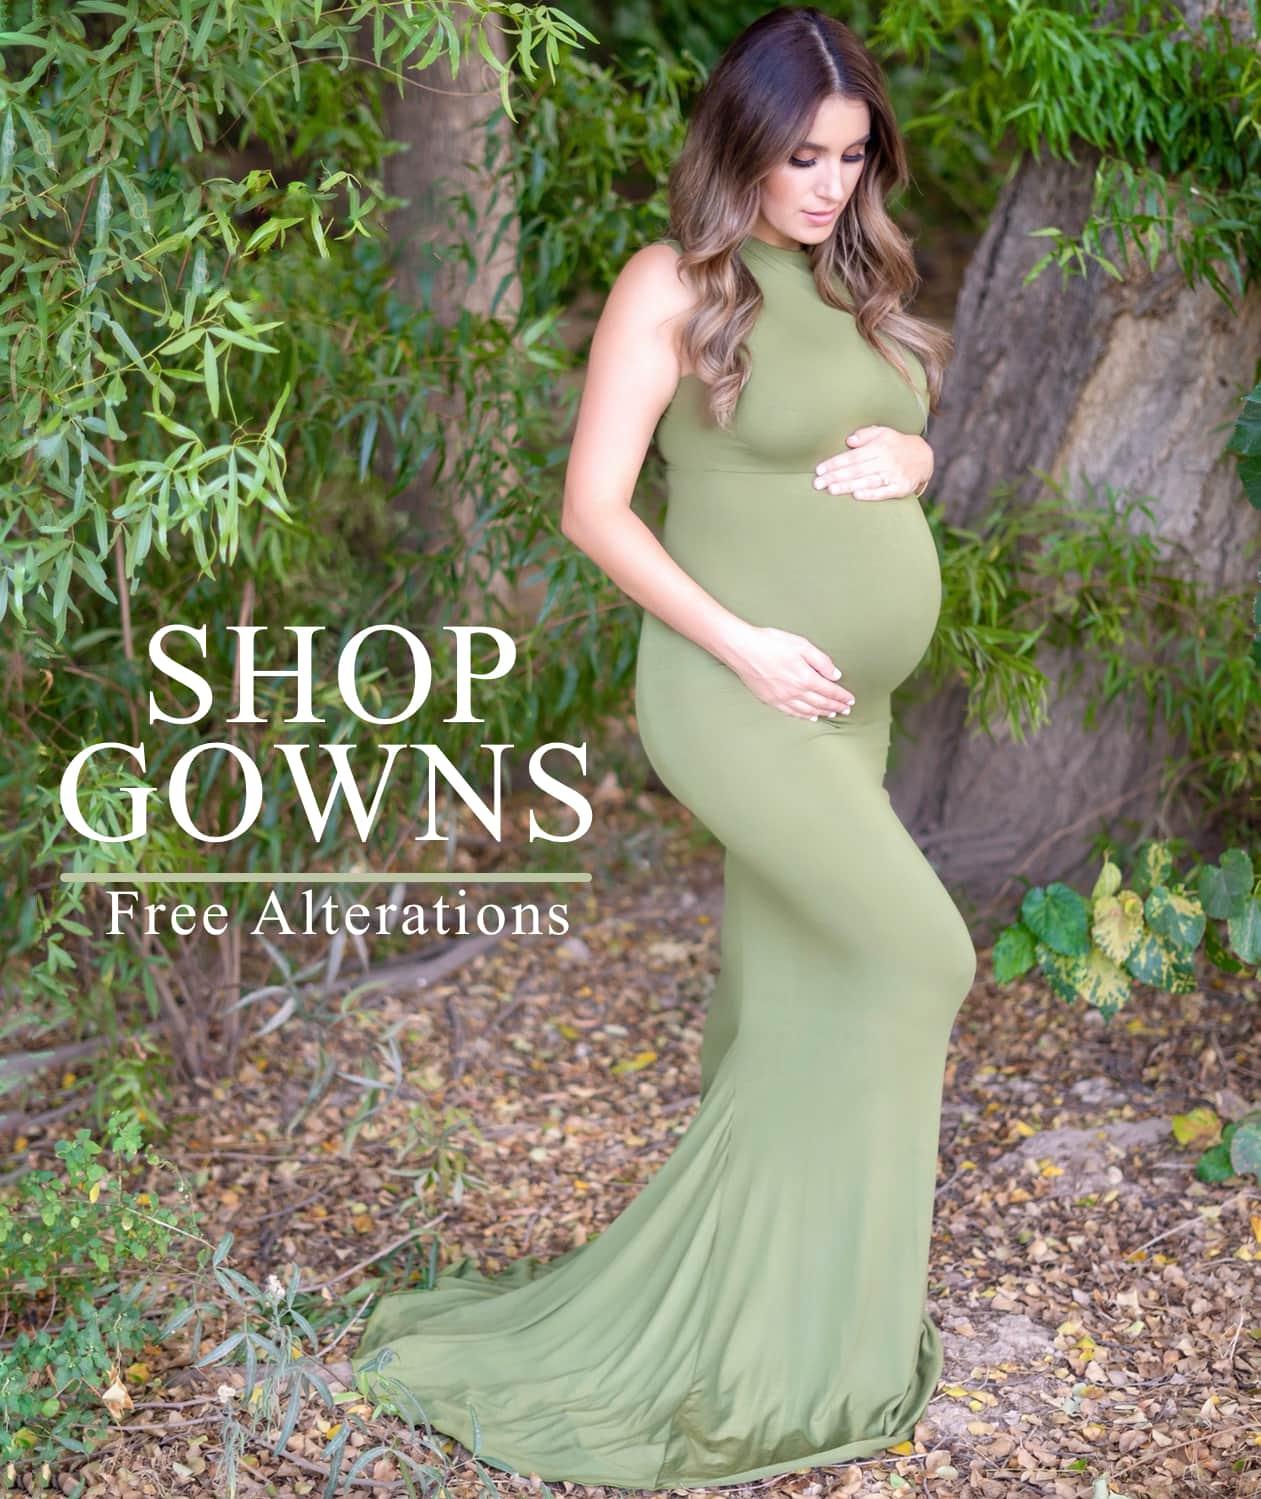 Shop Gowns